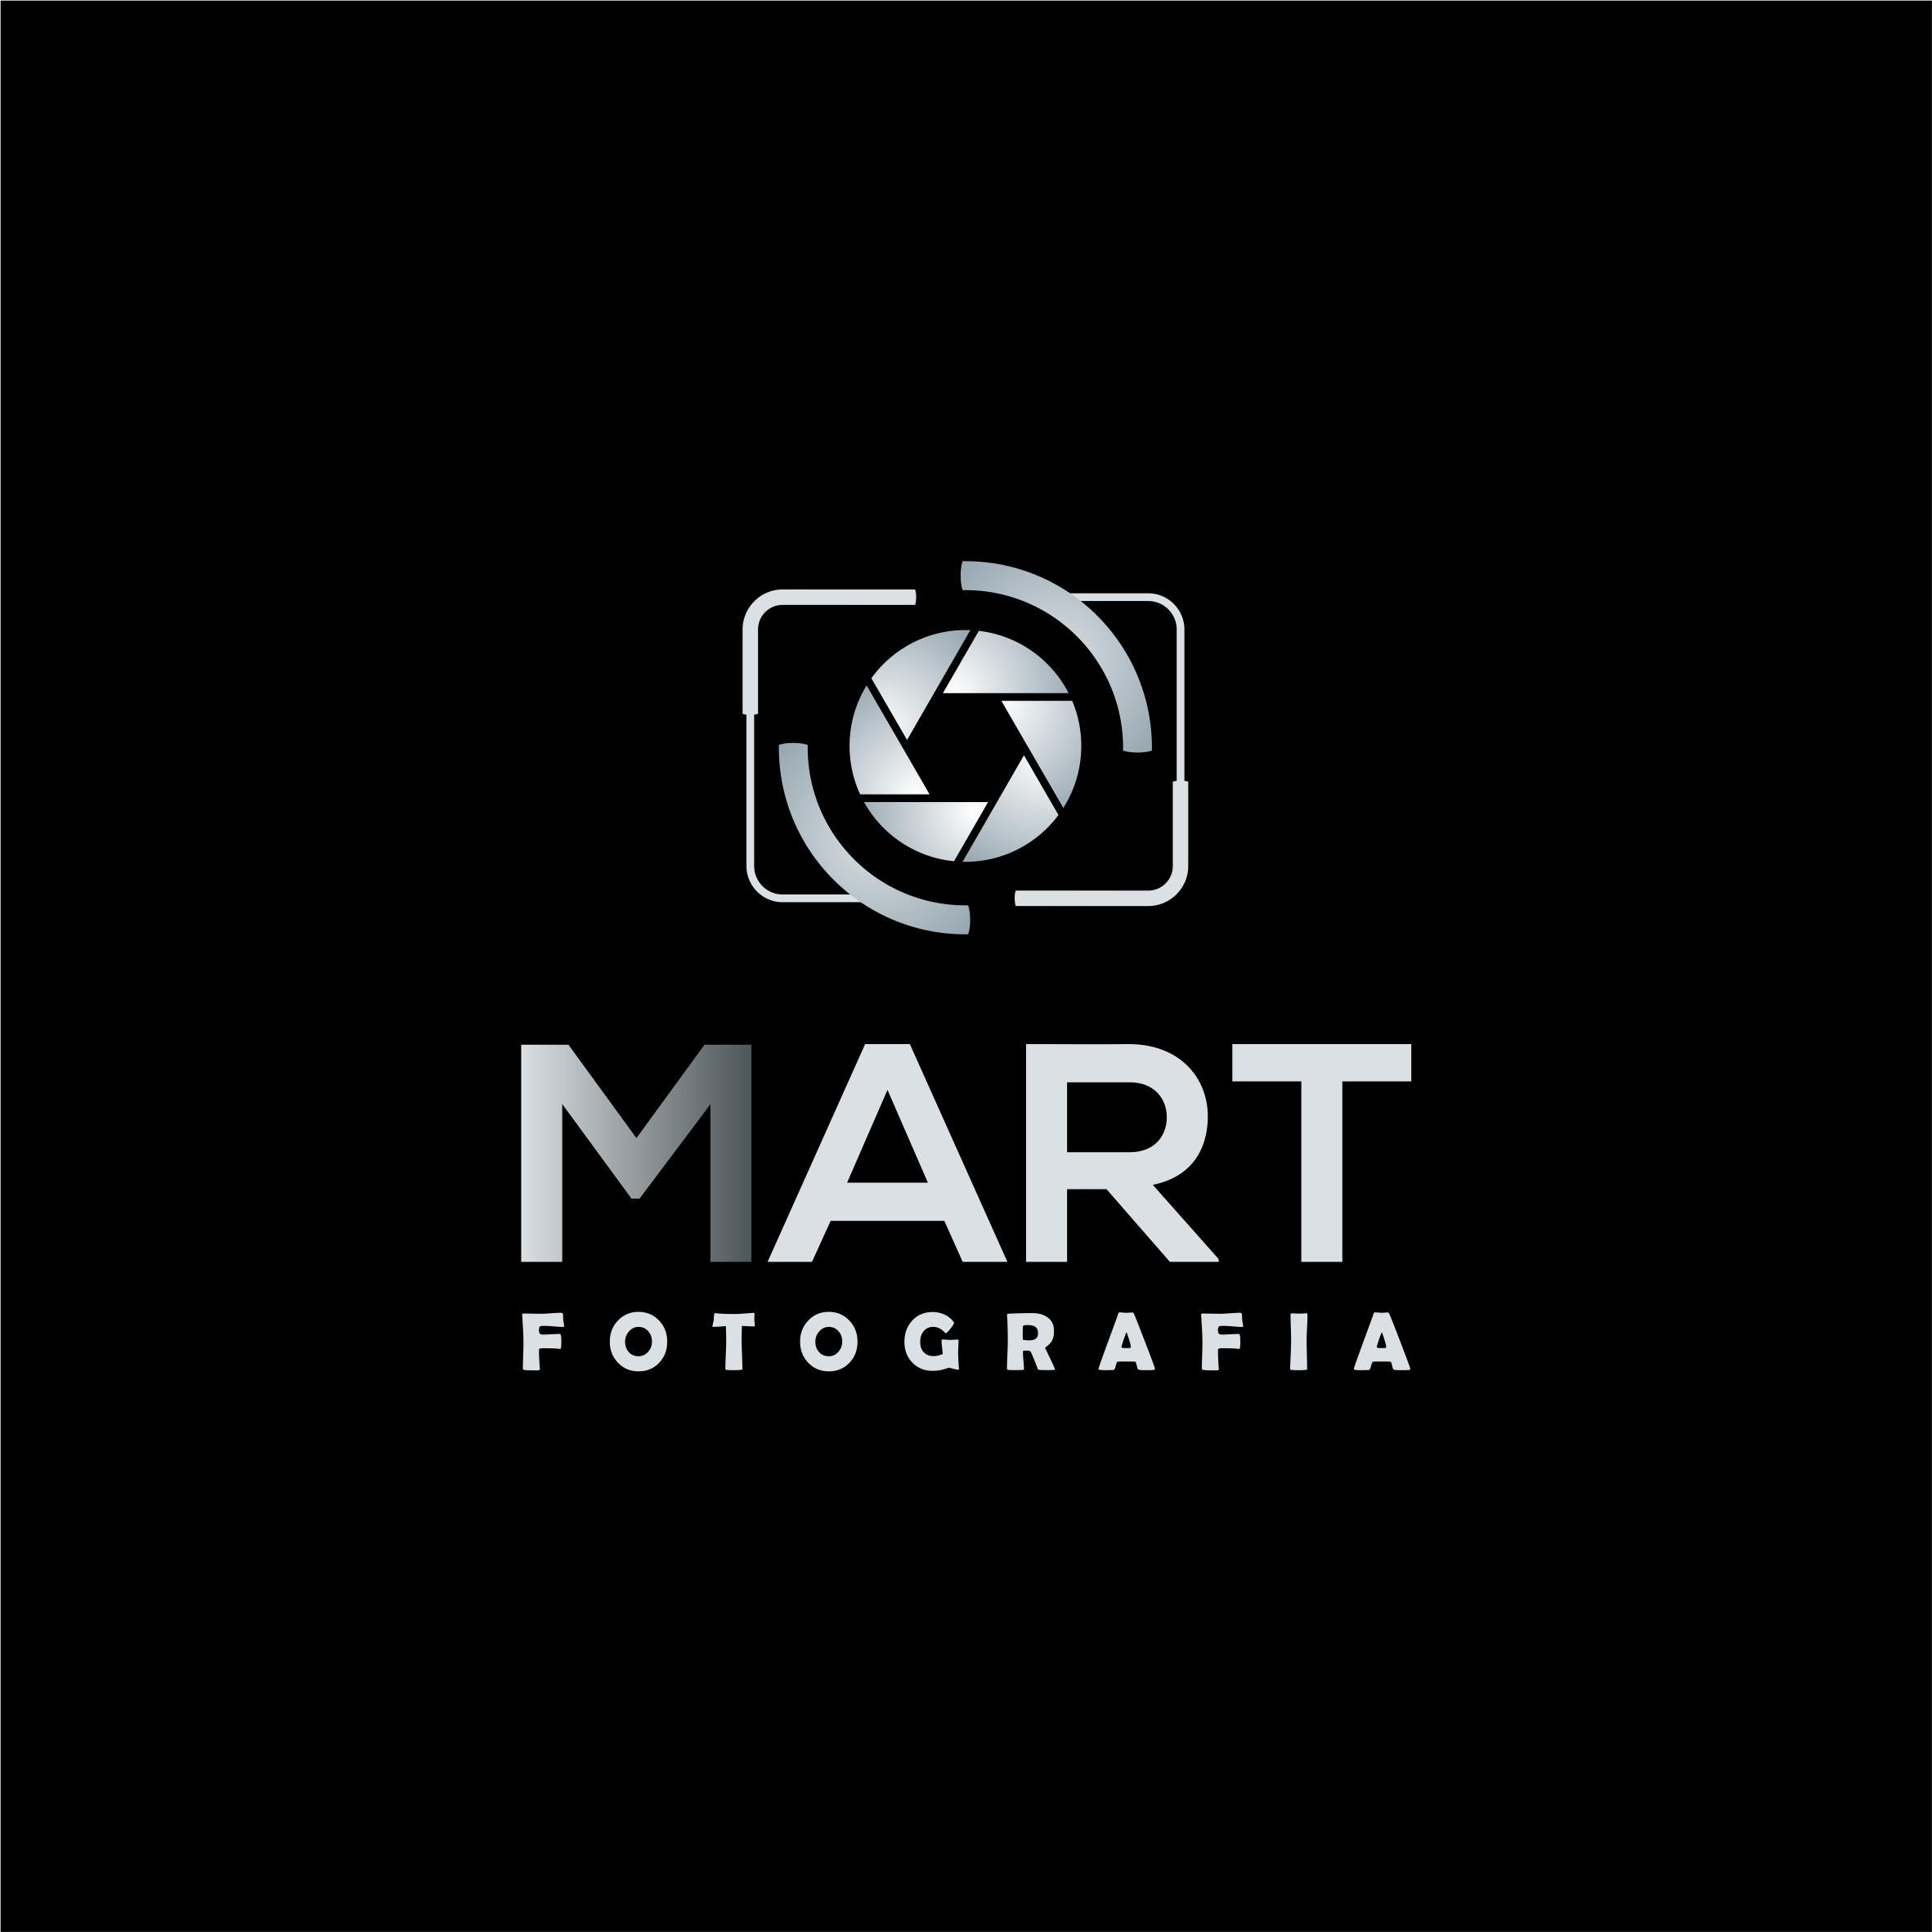 MART FOTOGRAFIA